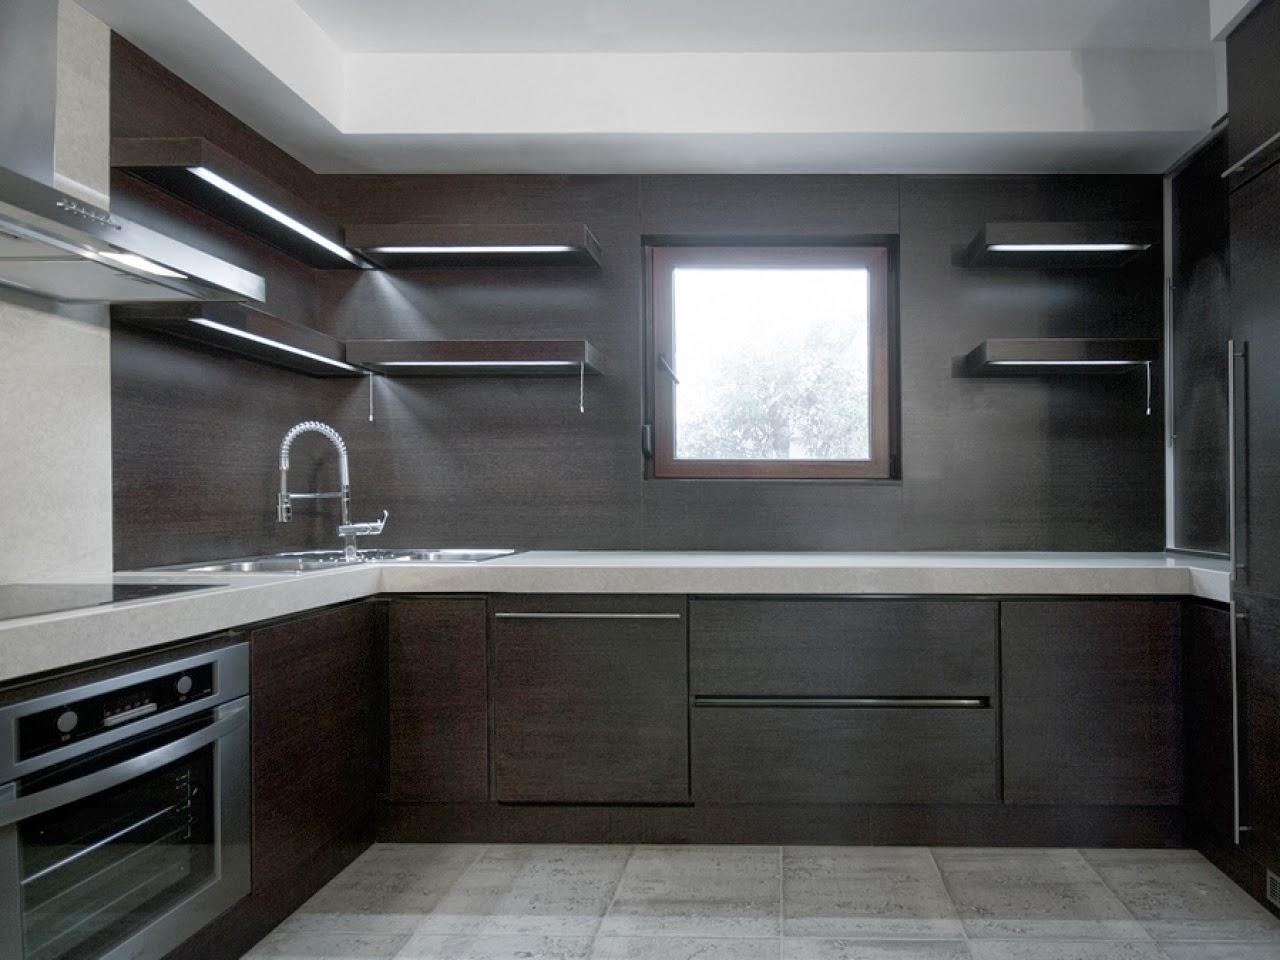 Decoracion y tendencias modernas cocinas con dise os oscuros for Decoracion de gabinetes de cocina